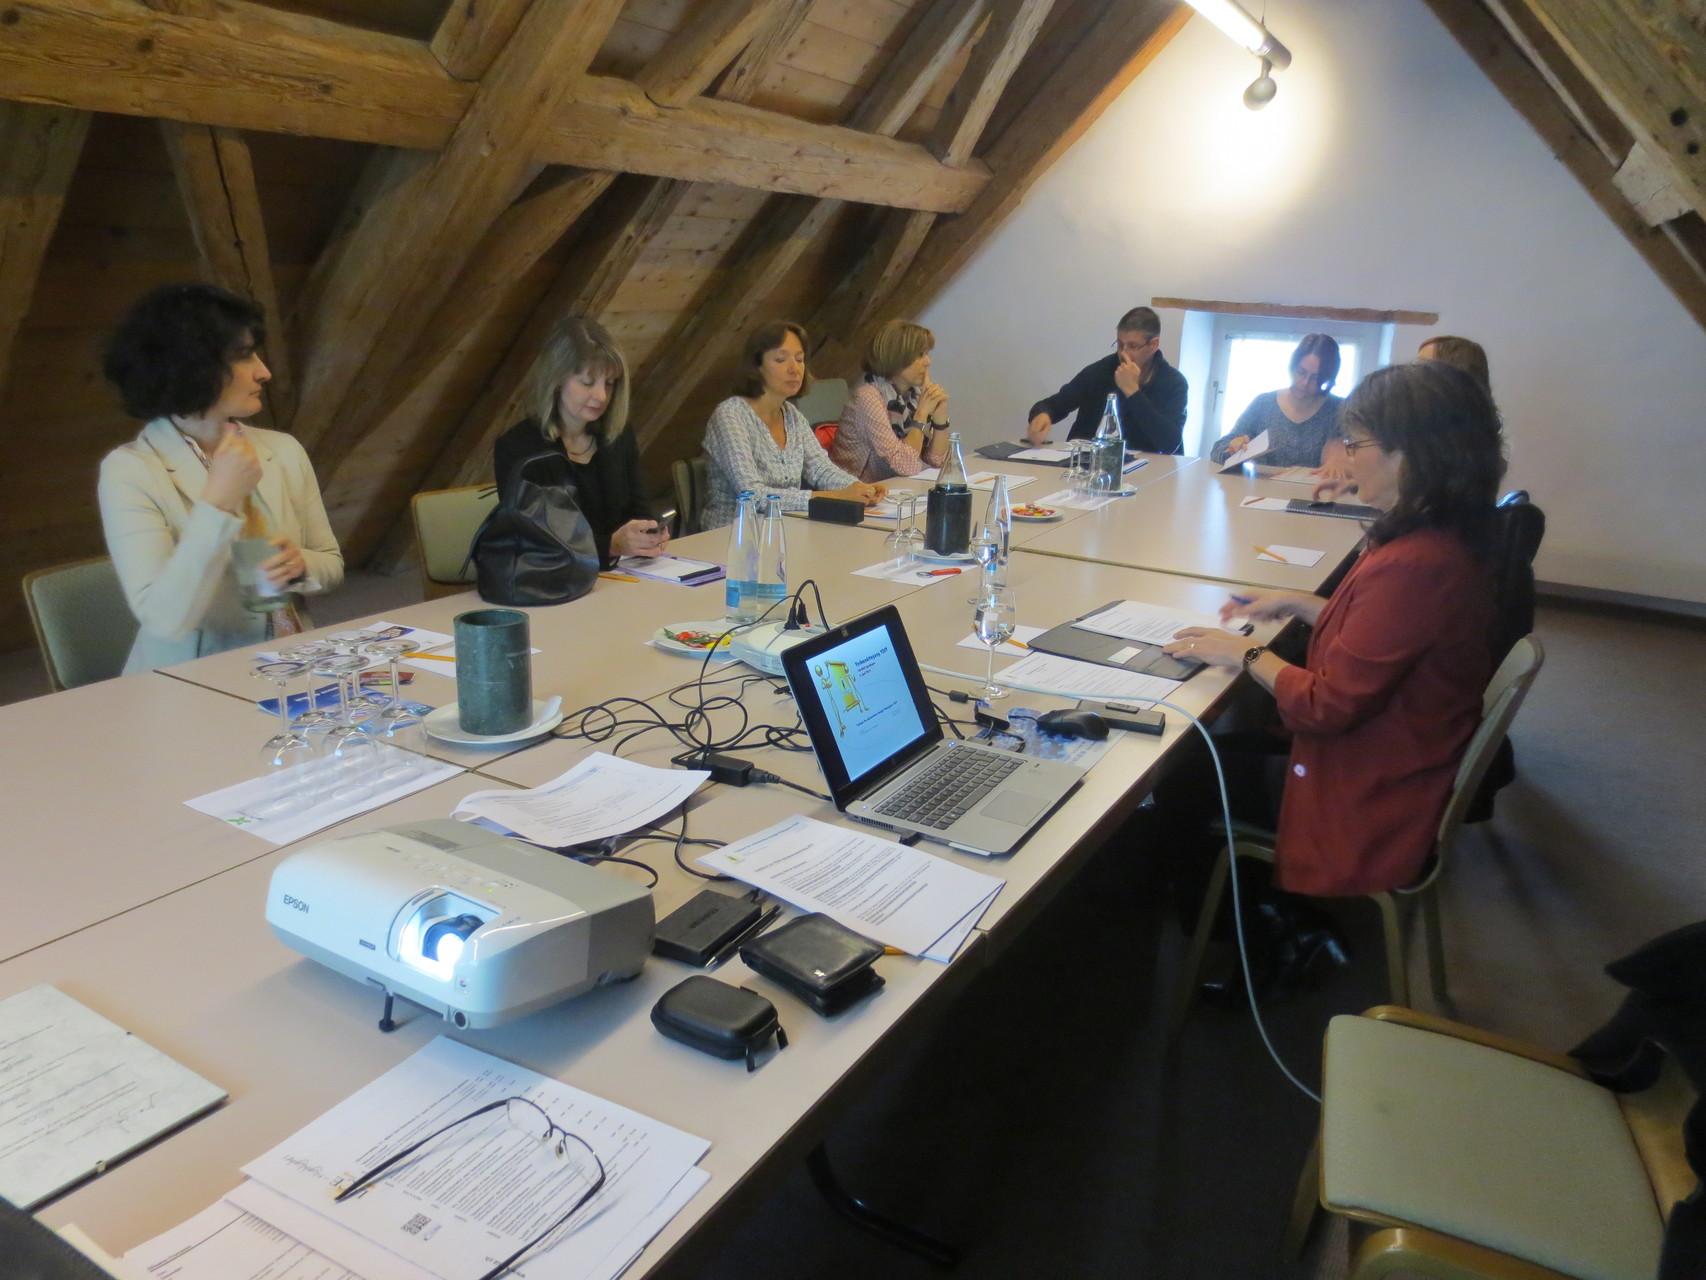 Beginn der Hauptversammlung im Dachgiebel des Gasthofes Kreuz in Egerkingen; die Mitglieder finden sich ein